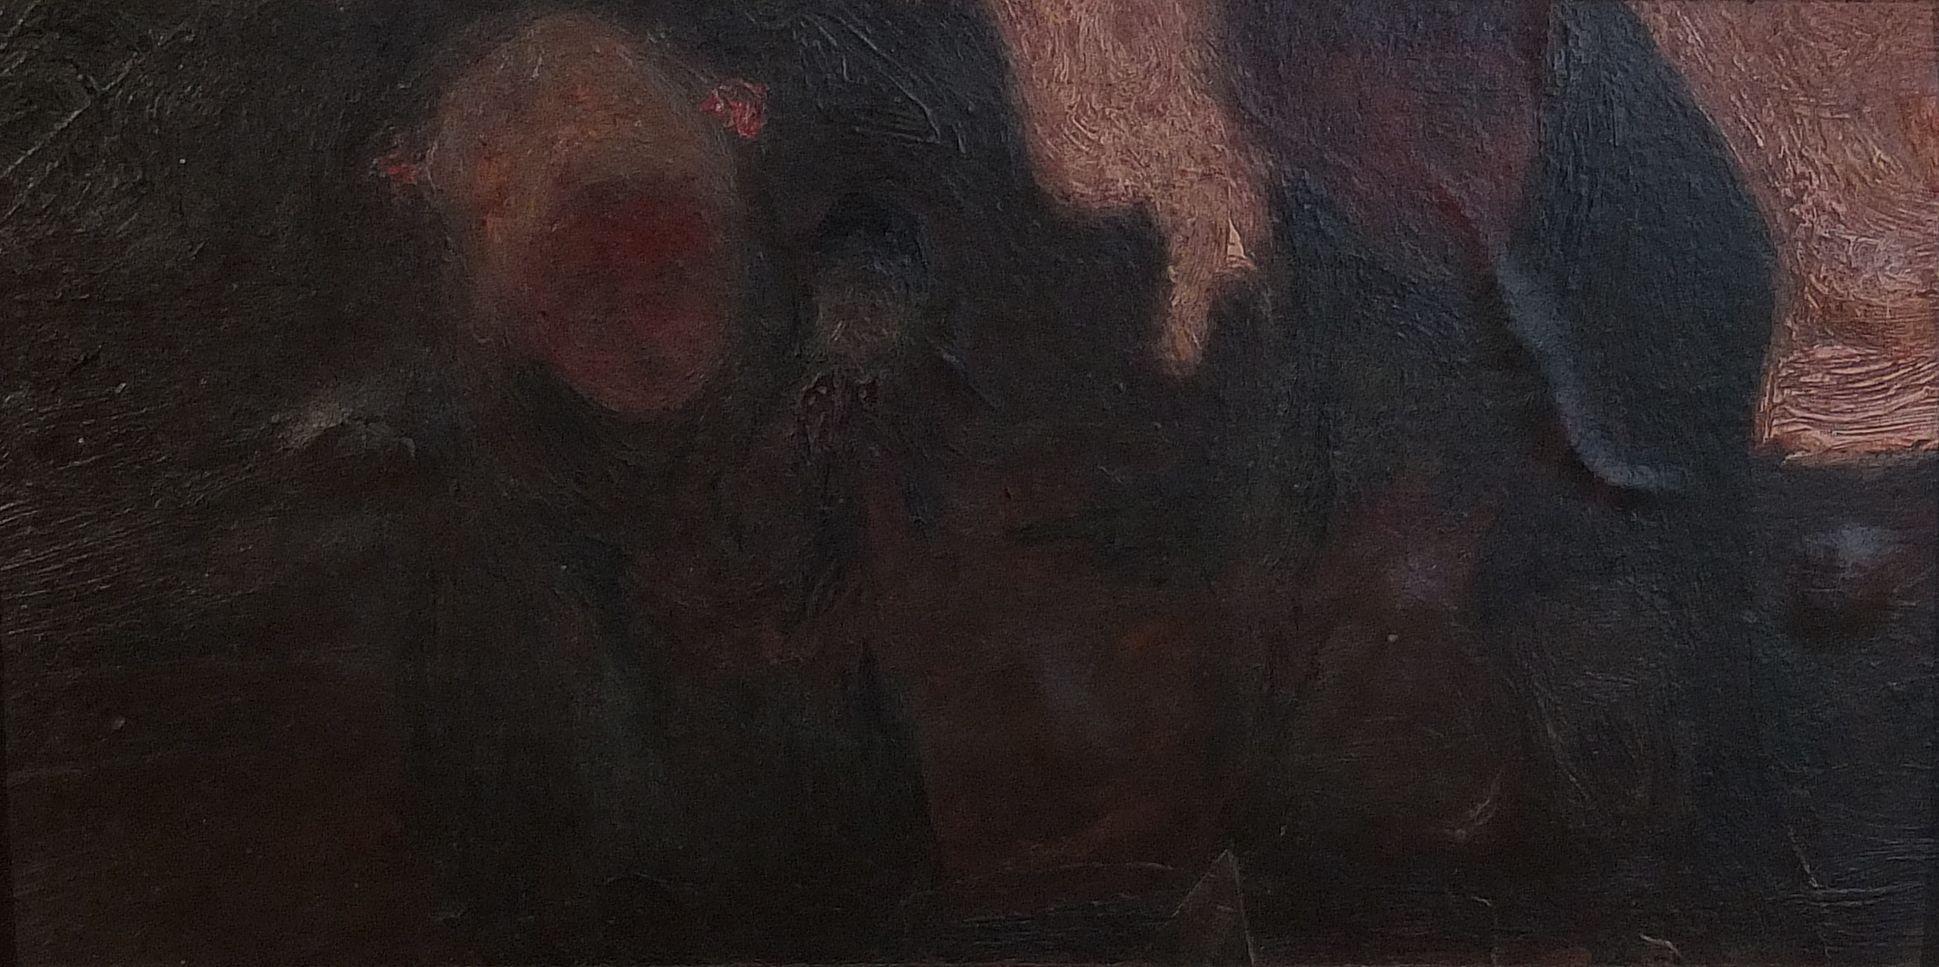 Dwoje dzieci z lalką, ok. 1900